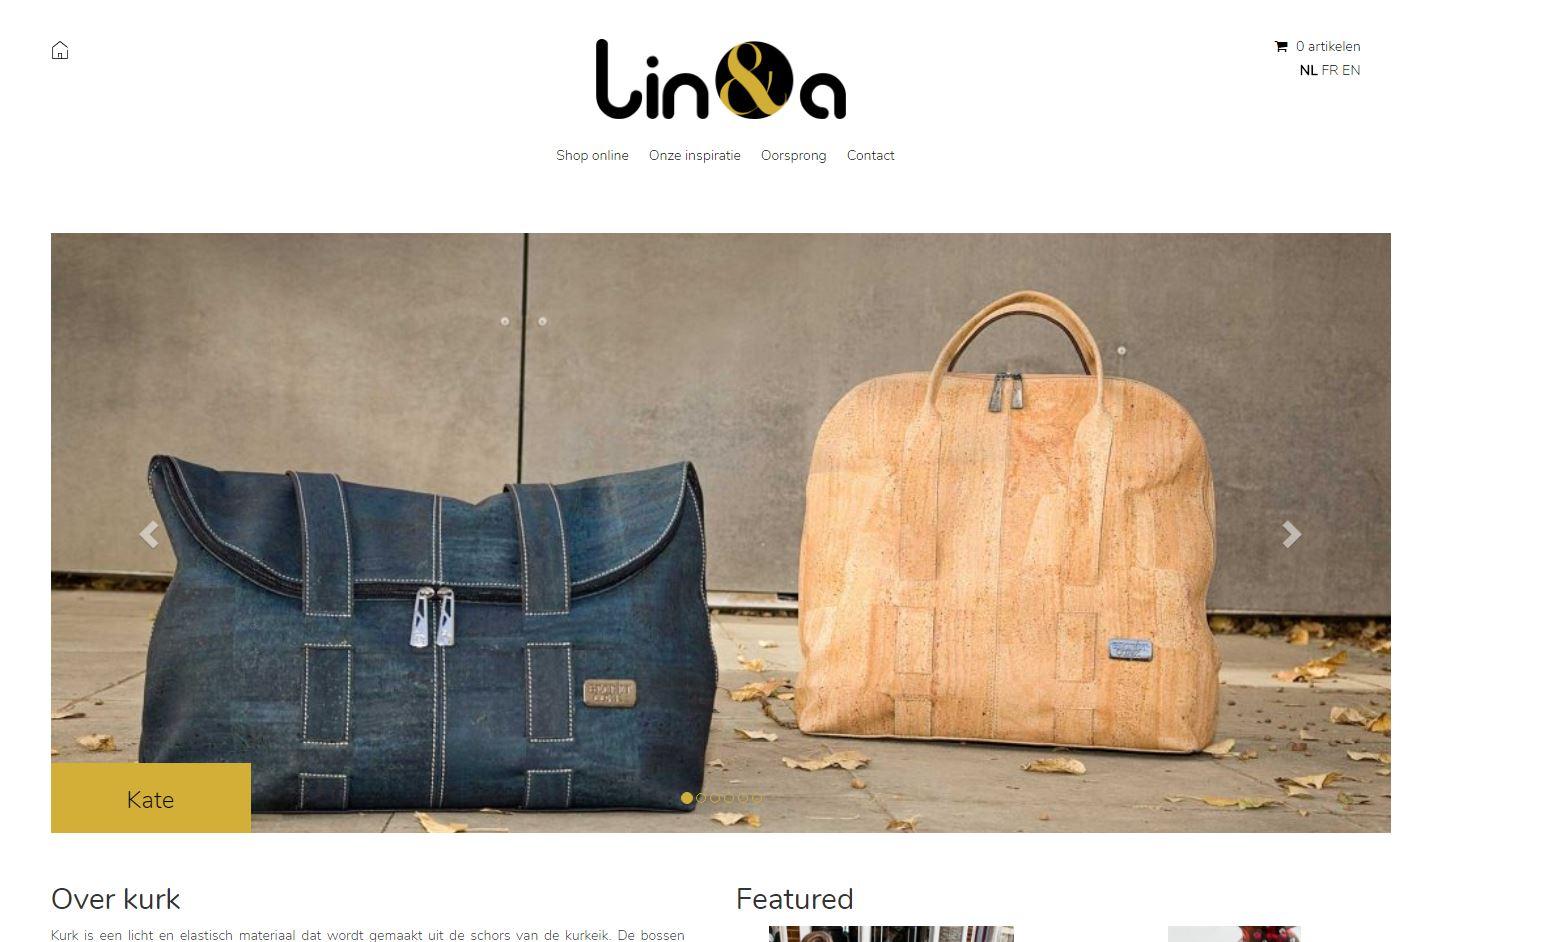 Linea shop online 0